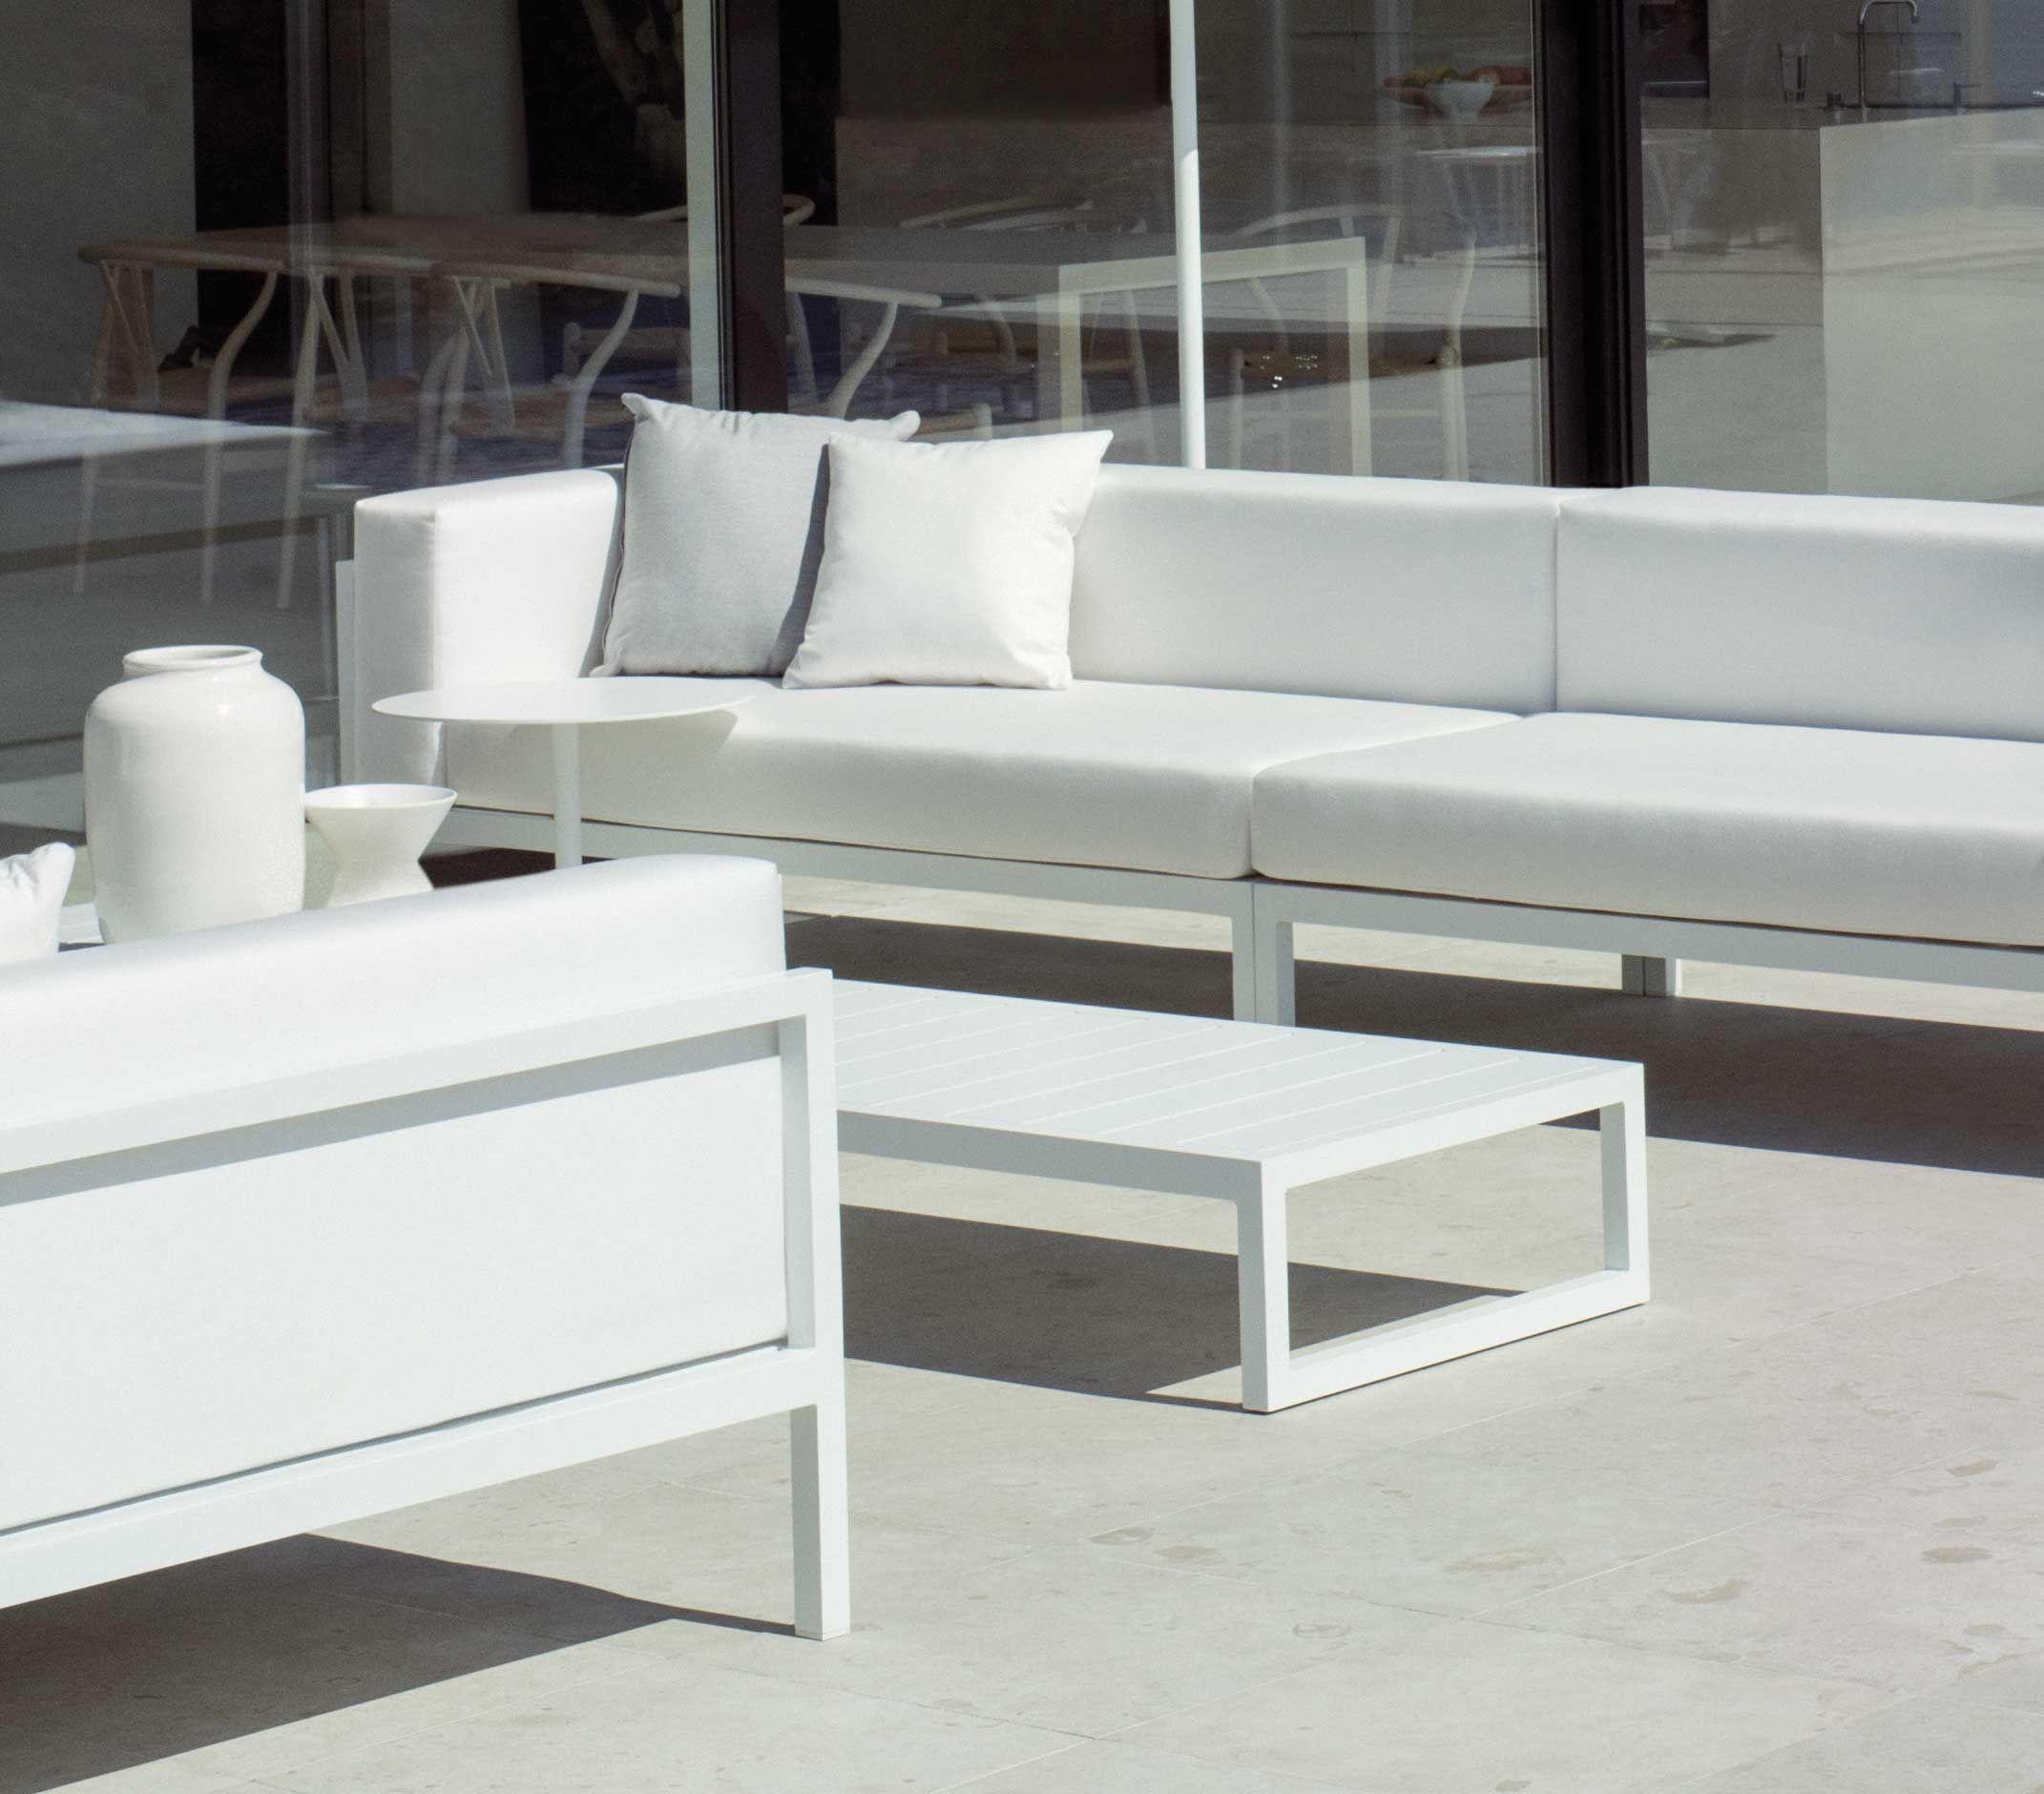 Kettal landscape seater 3xl muebles jardin silla for Kettal muebles